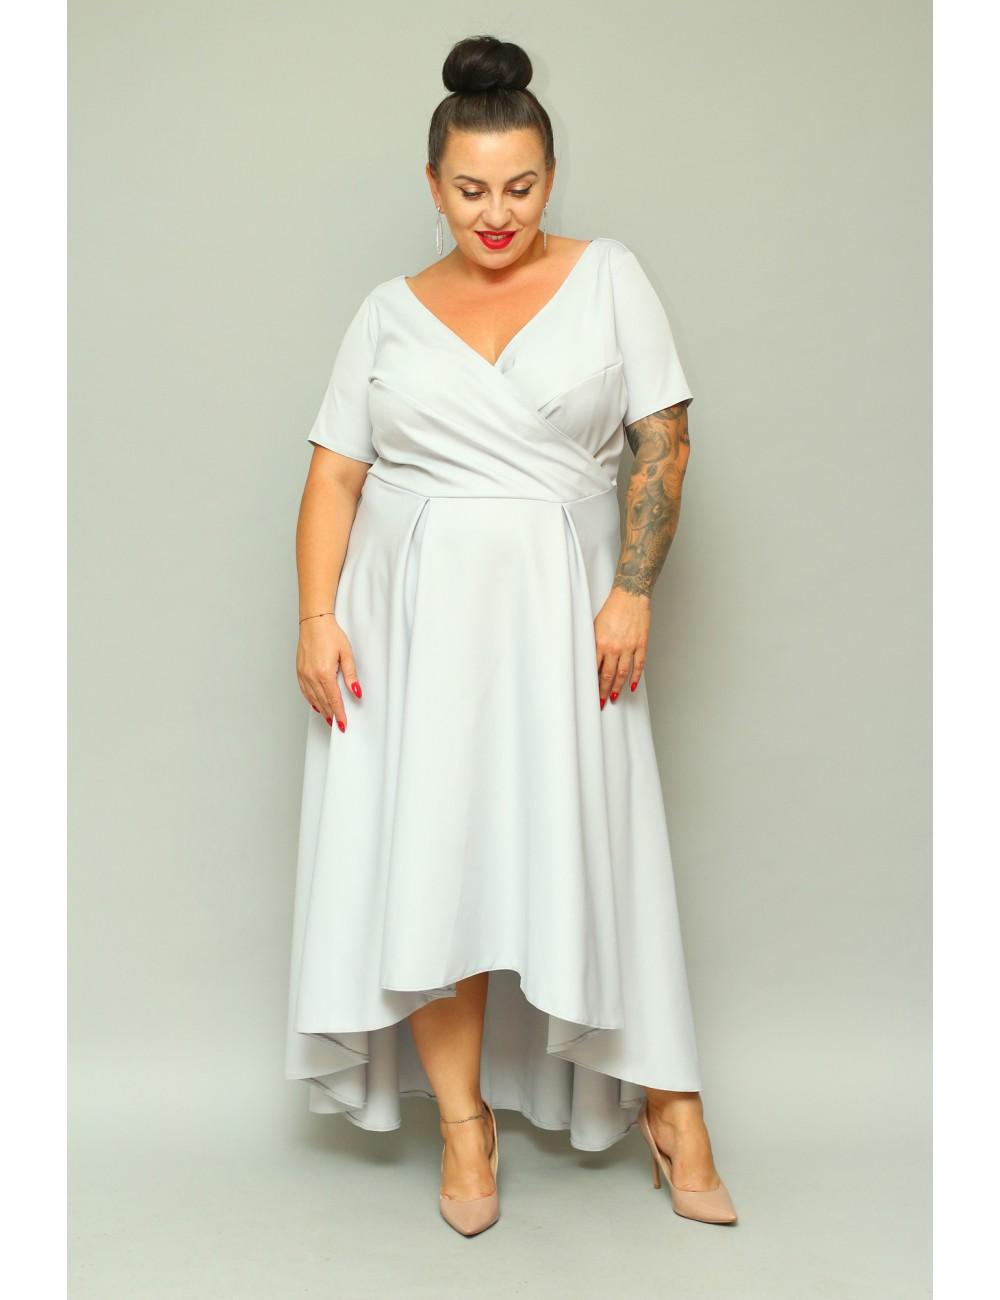 Elegancka wieczorowa sukienka maxi Lopez plus size na wesele